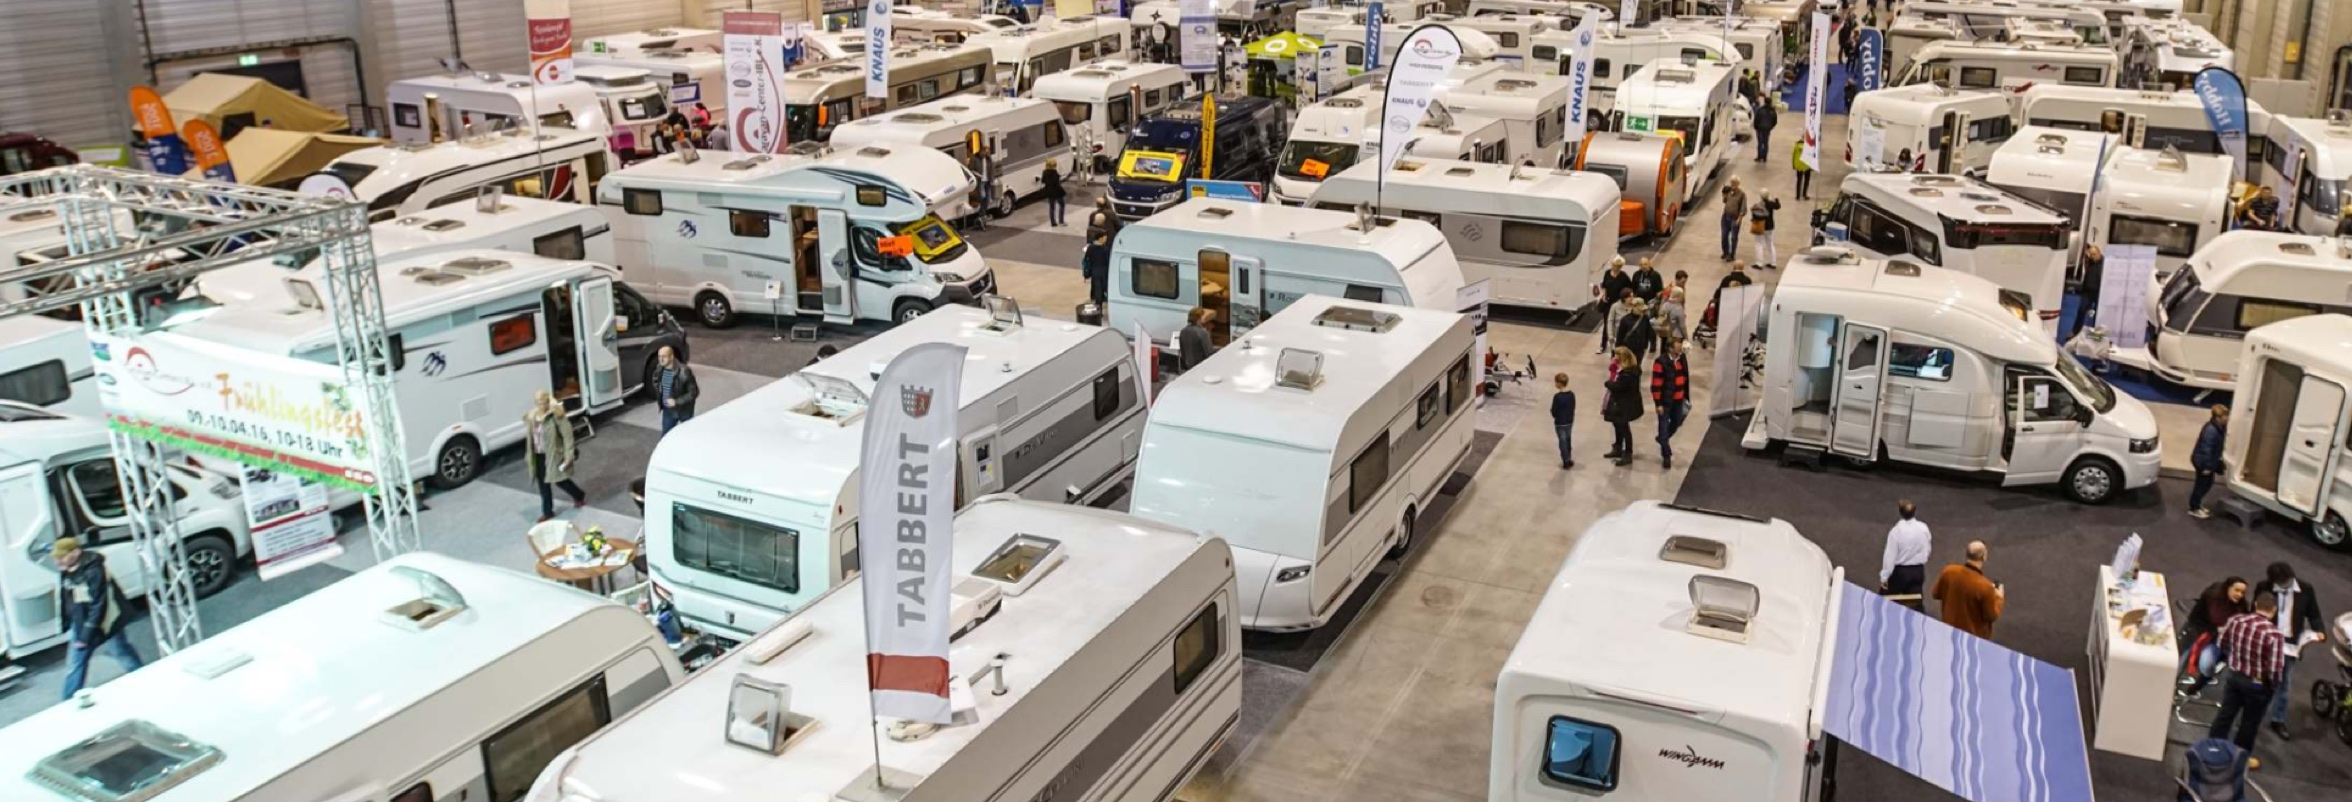 Caravan messe Berlin, Wohnmobilmesse, Wohnwagen, wohnmobil ,